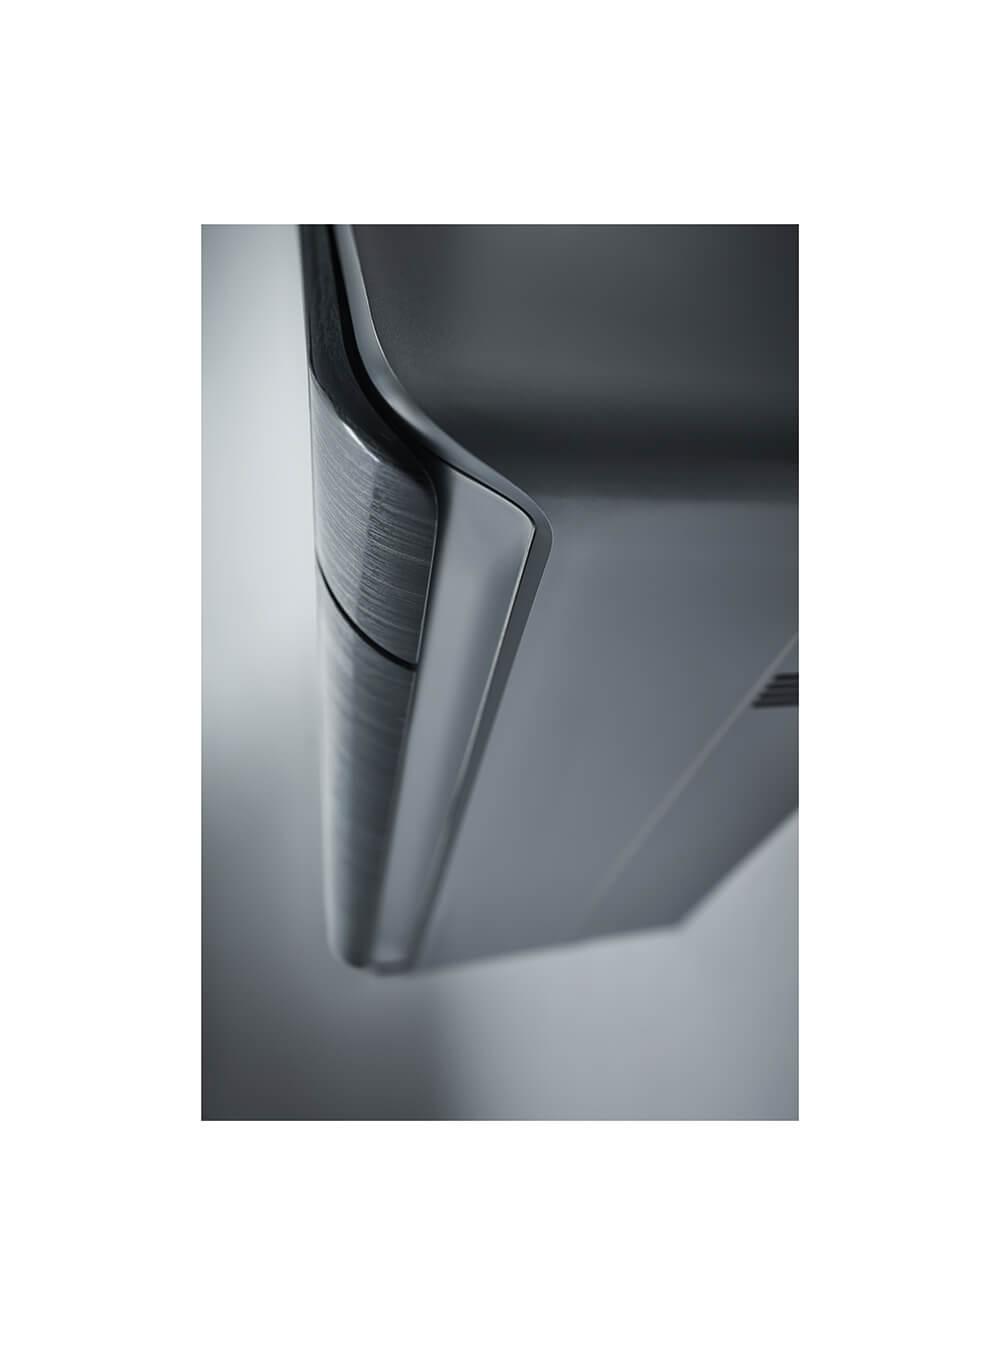 Daikin Stylish Klimaanlage 002